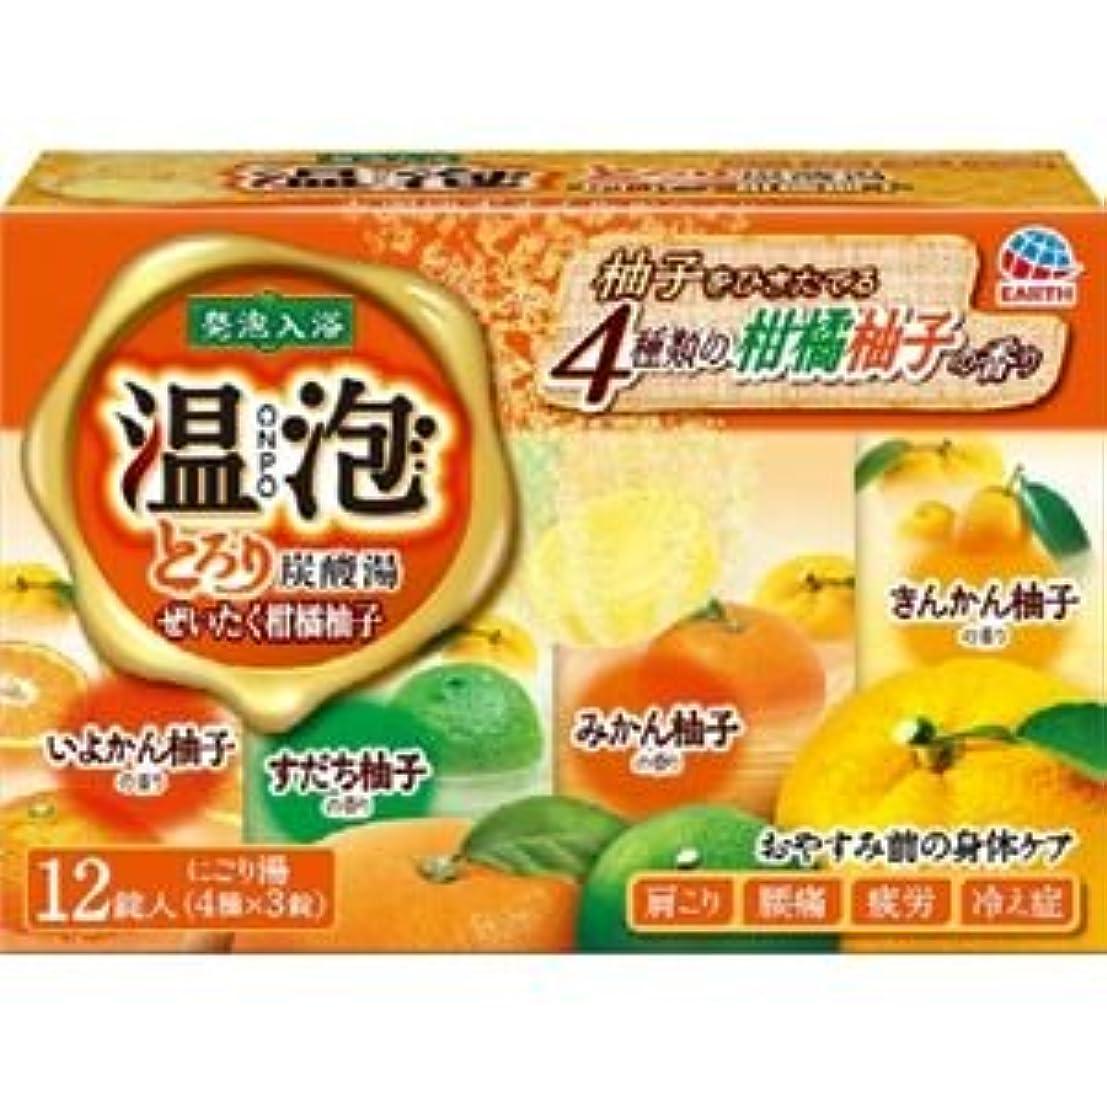 国こどもセンター系統的(まとめ)アース製薬 温泡とろり炭酸湯ぜいたく柑橘柚子12錠入 【×3点セット】